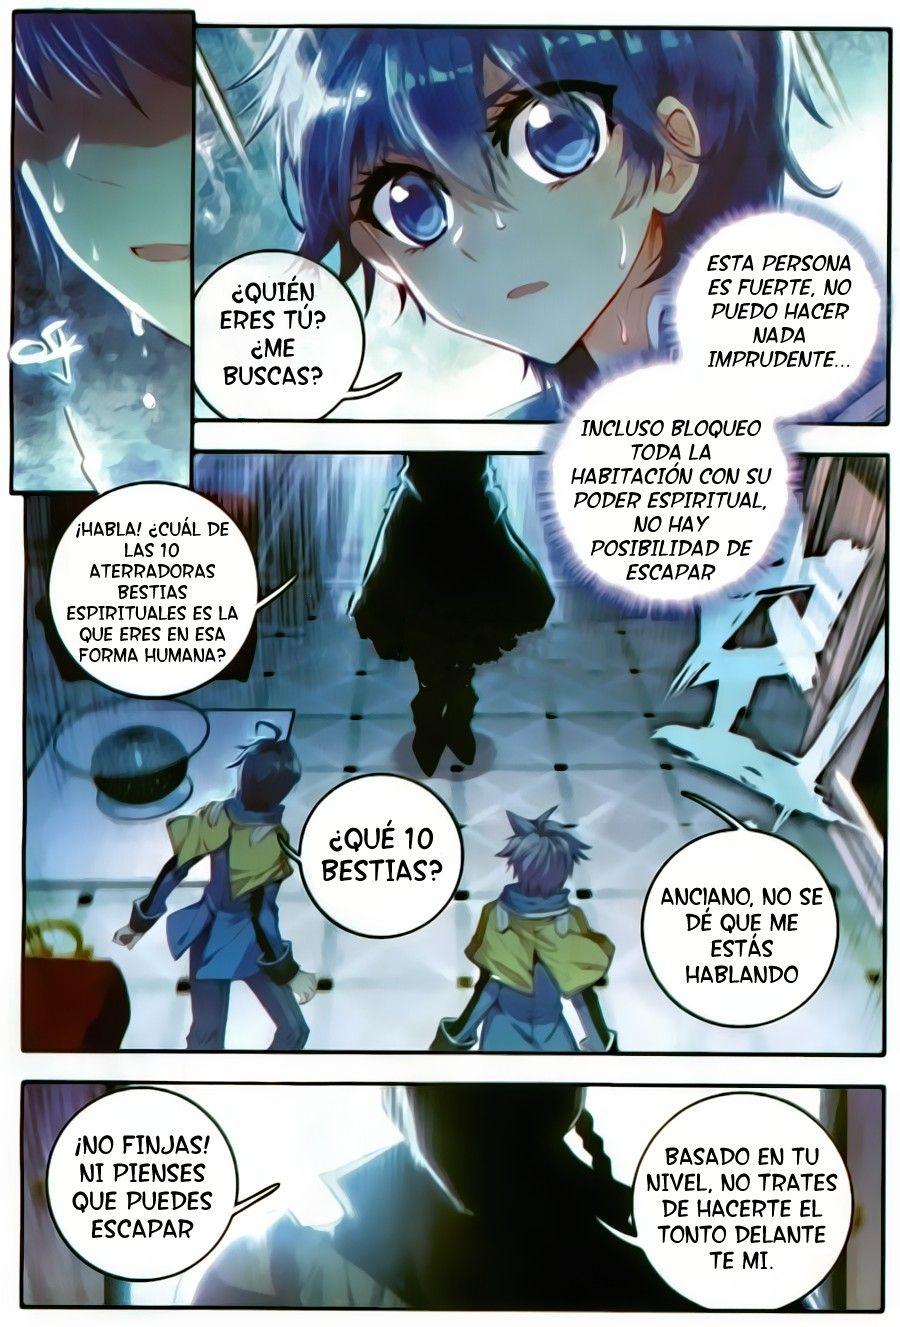 http://c5.ninemanga.com/es_manga/33/16417/484293/00575938da3ed66330f3da93ffcc0bd4.jpg Page 2